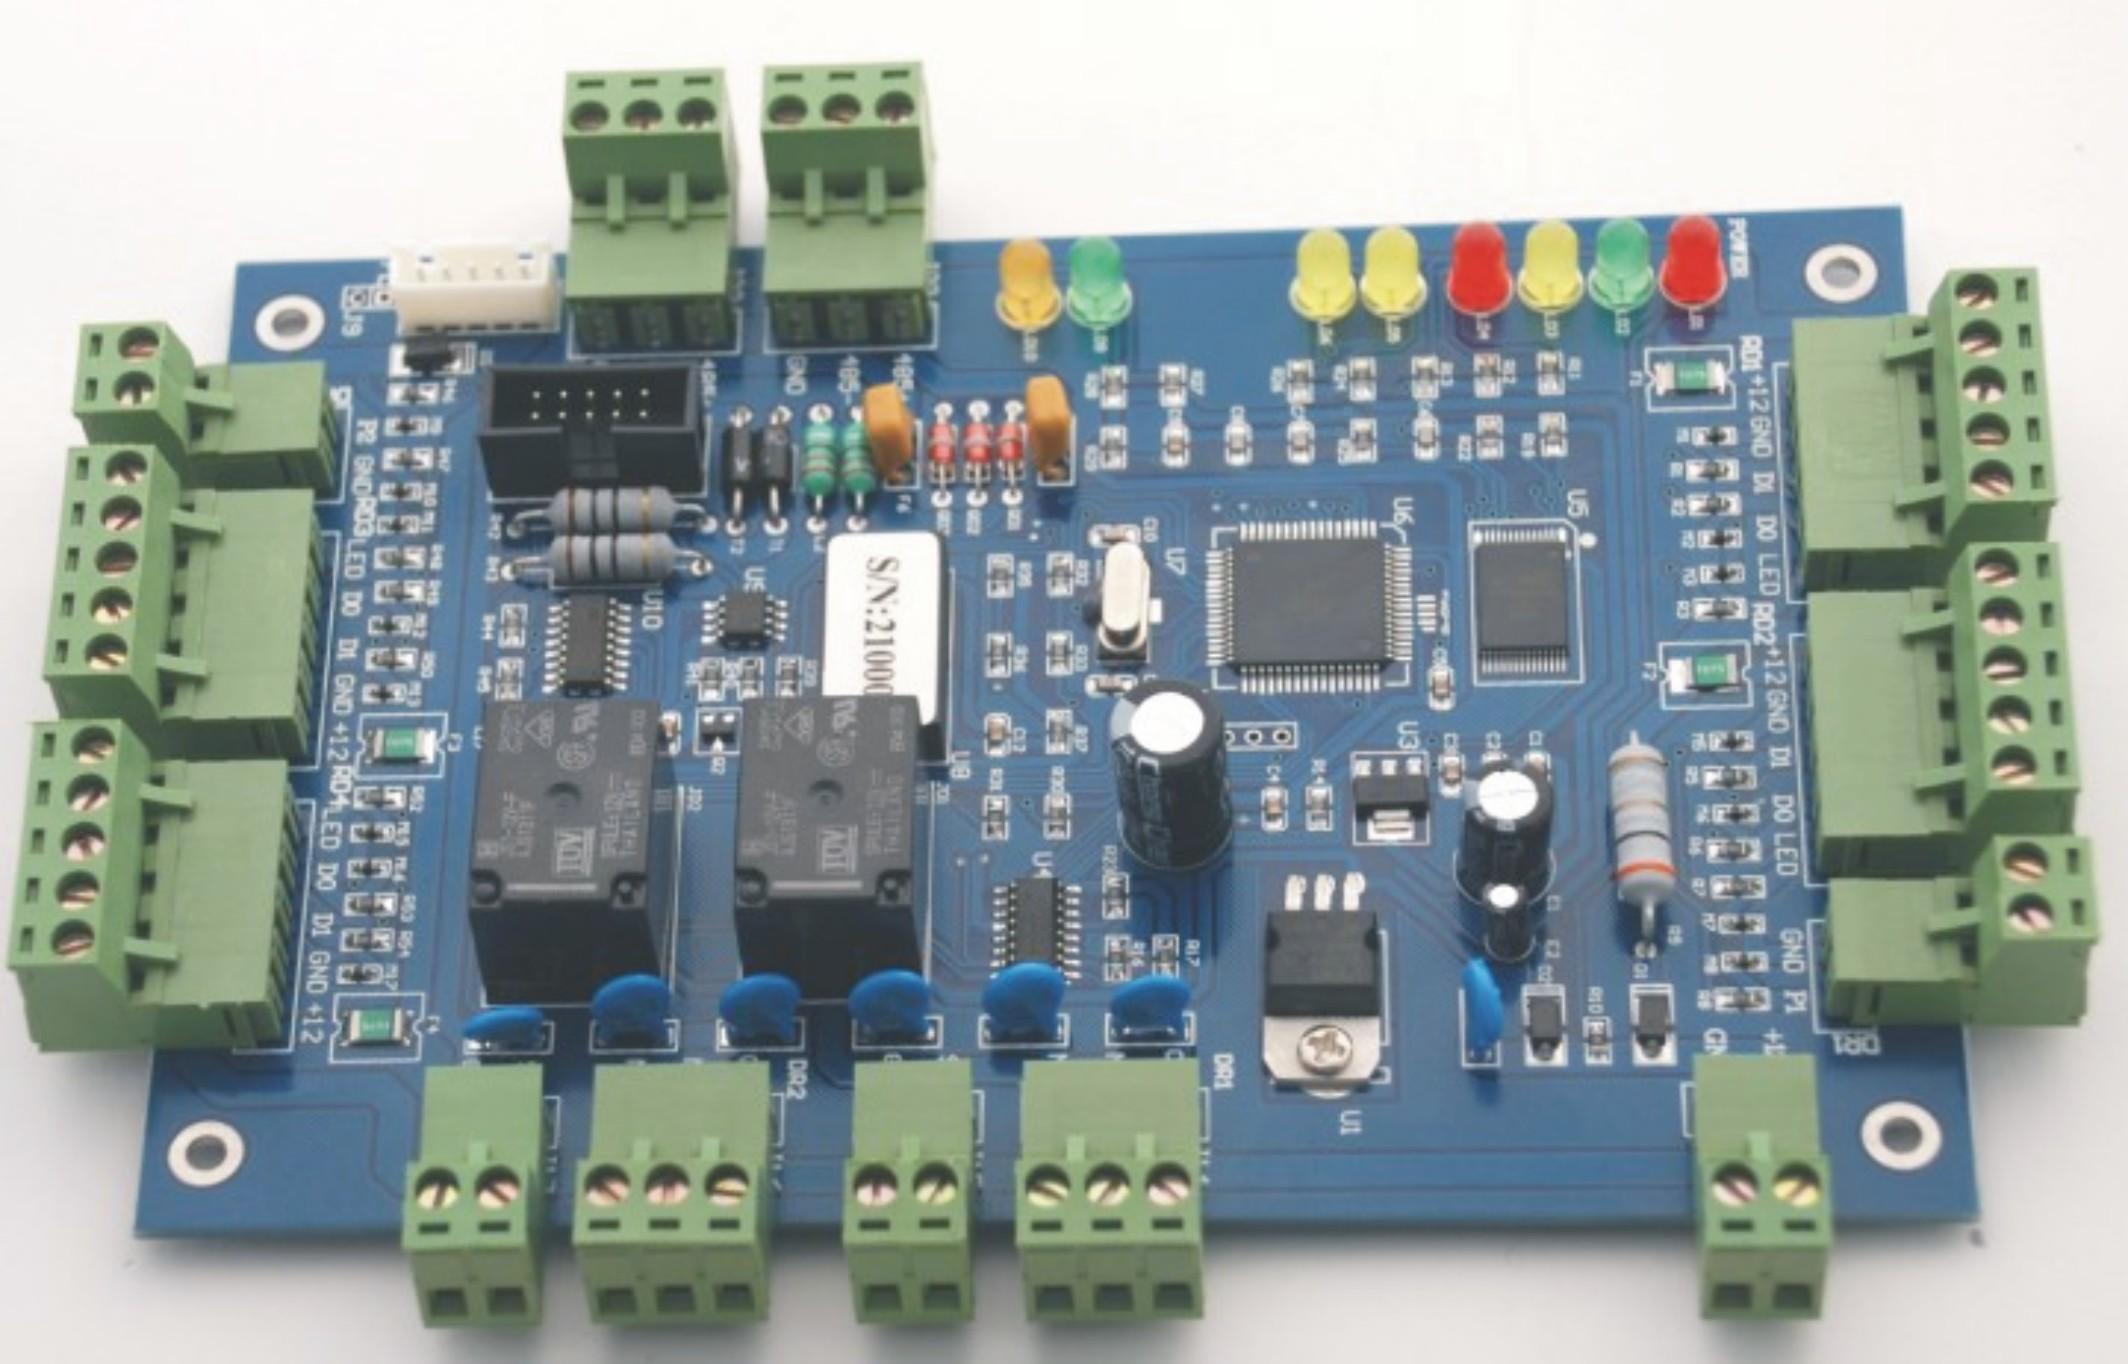 顺序控制在电路板上的接线图